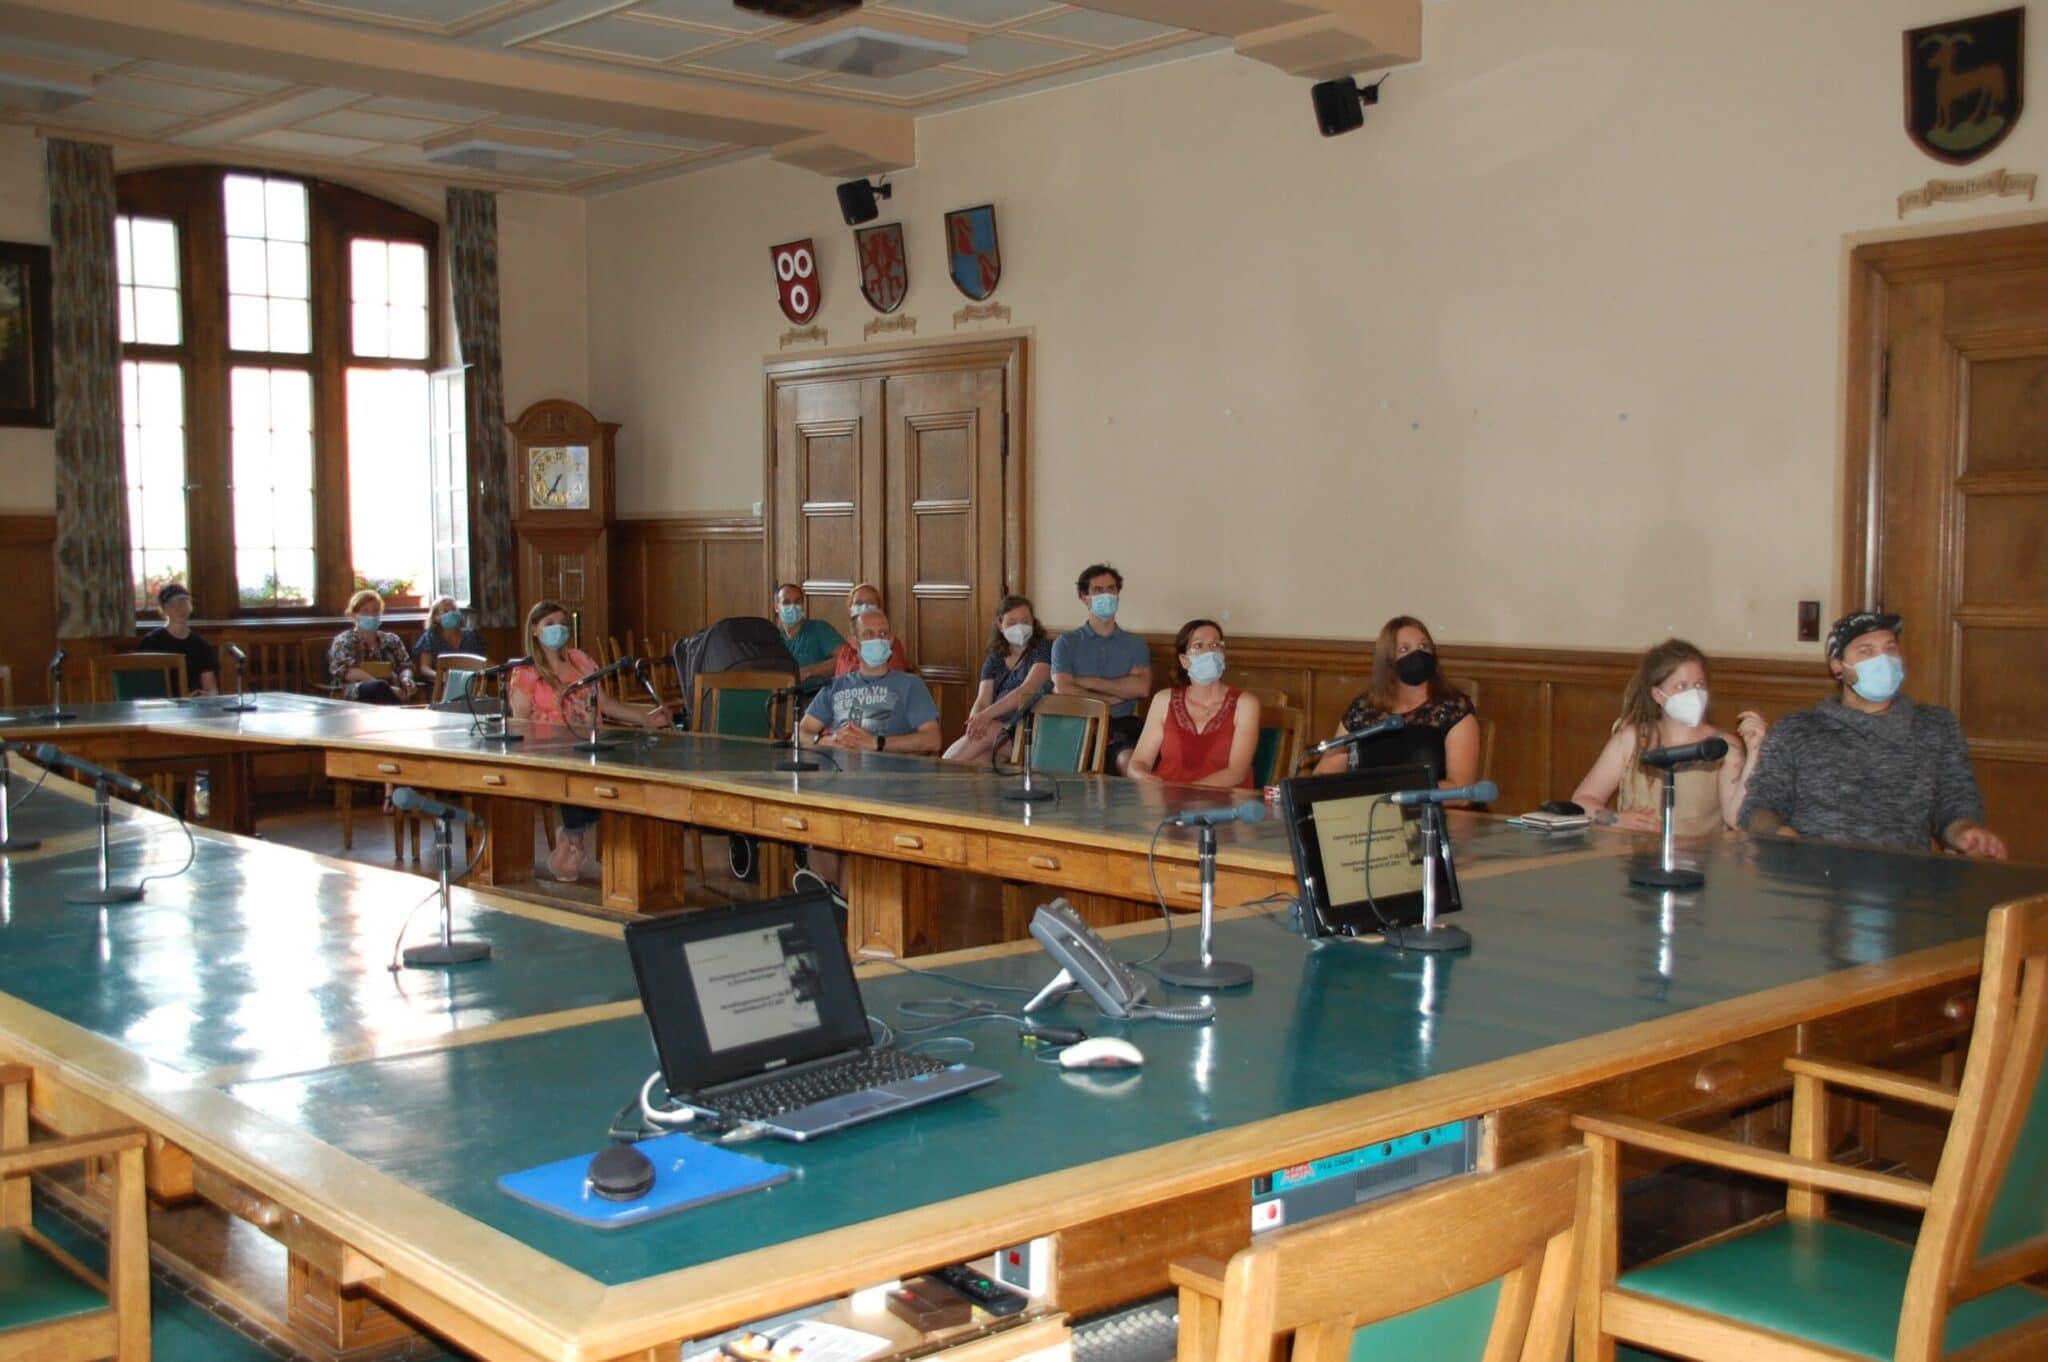 Viele Vertreterinnen und Vertreter der Elterninitiative Waldkindergarten waren selbst anwesend bei der Besprechung im Verwaltungsausschuss. Foto: lm